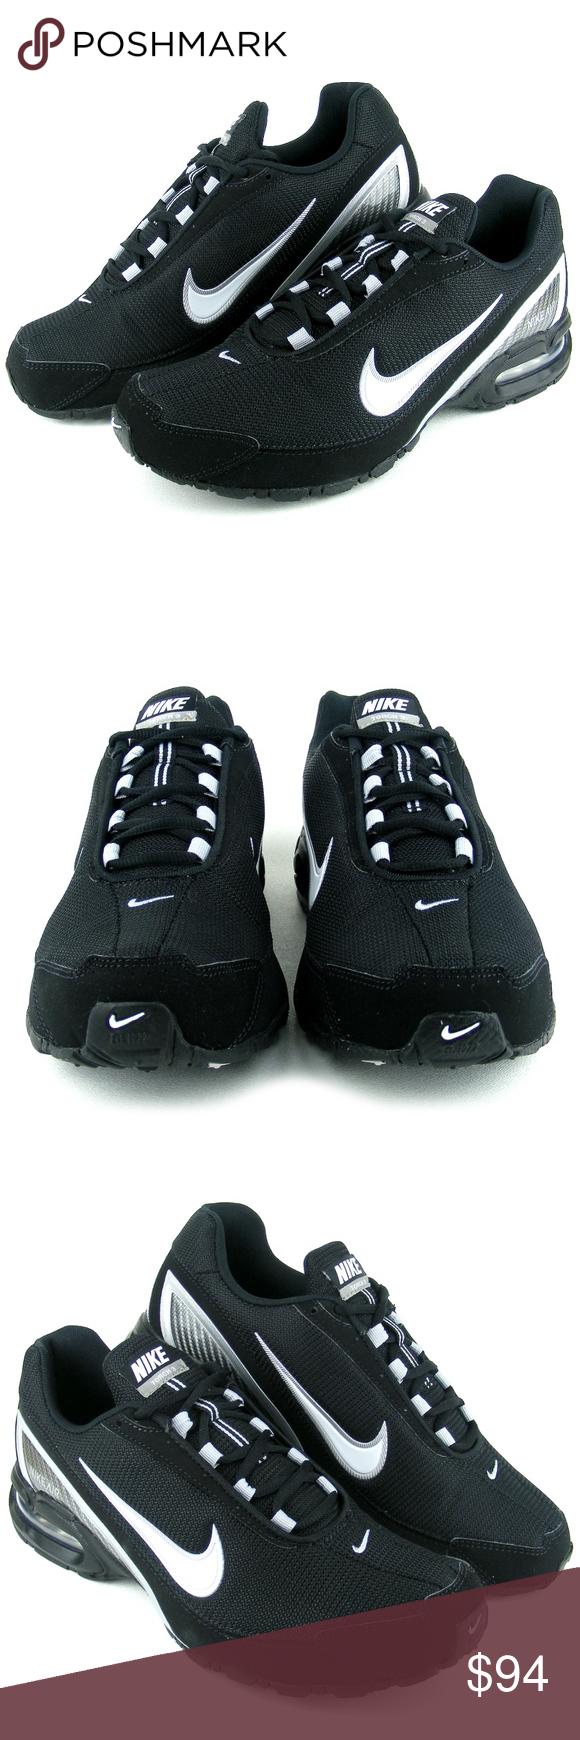 6849def91e Nike Air Max Torch 3 Black White 319116-011 Men's Nike Air Max Torch ...